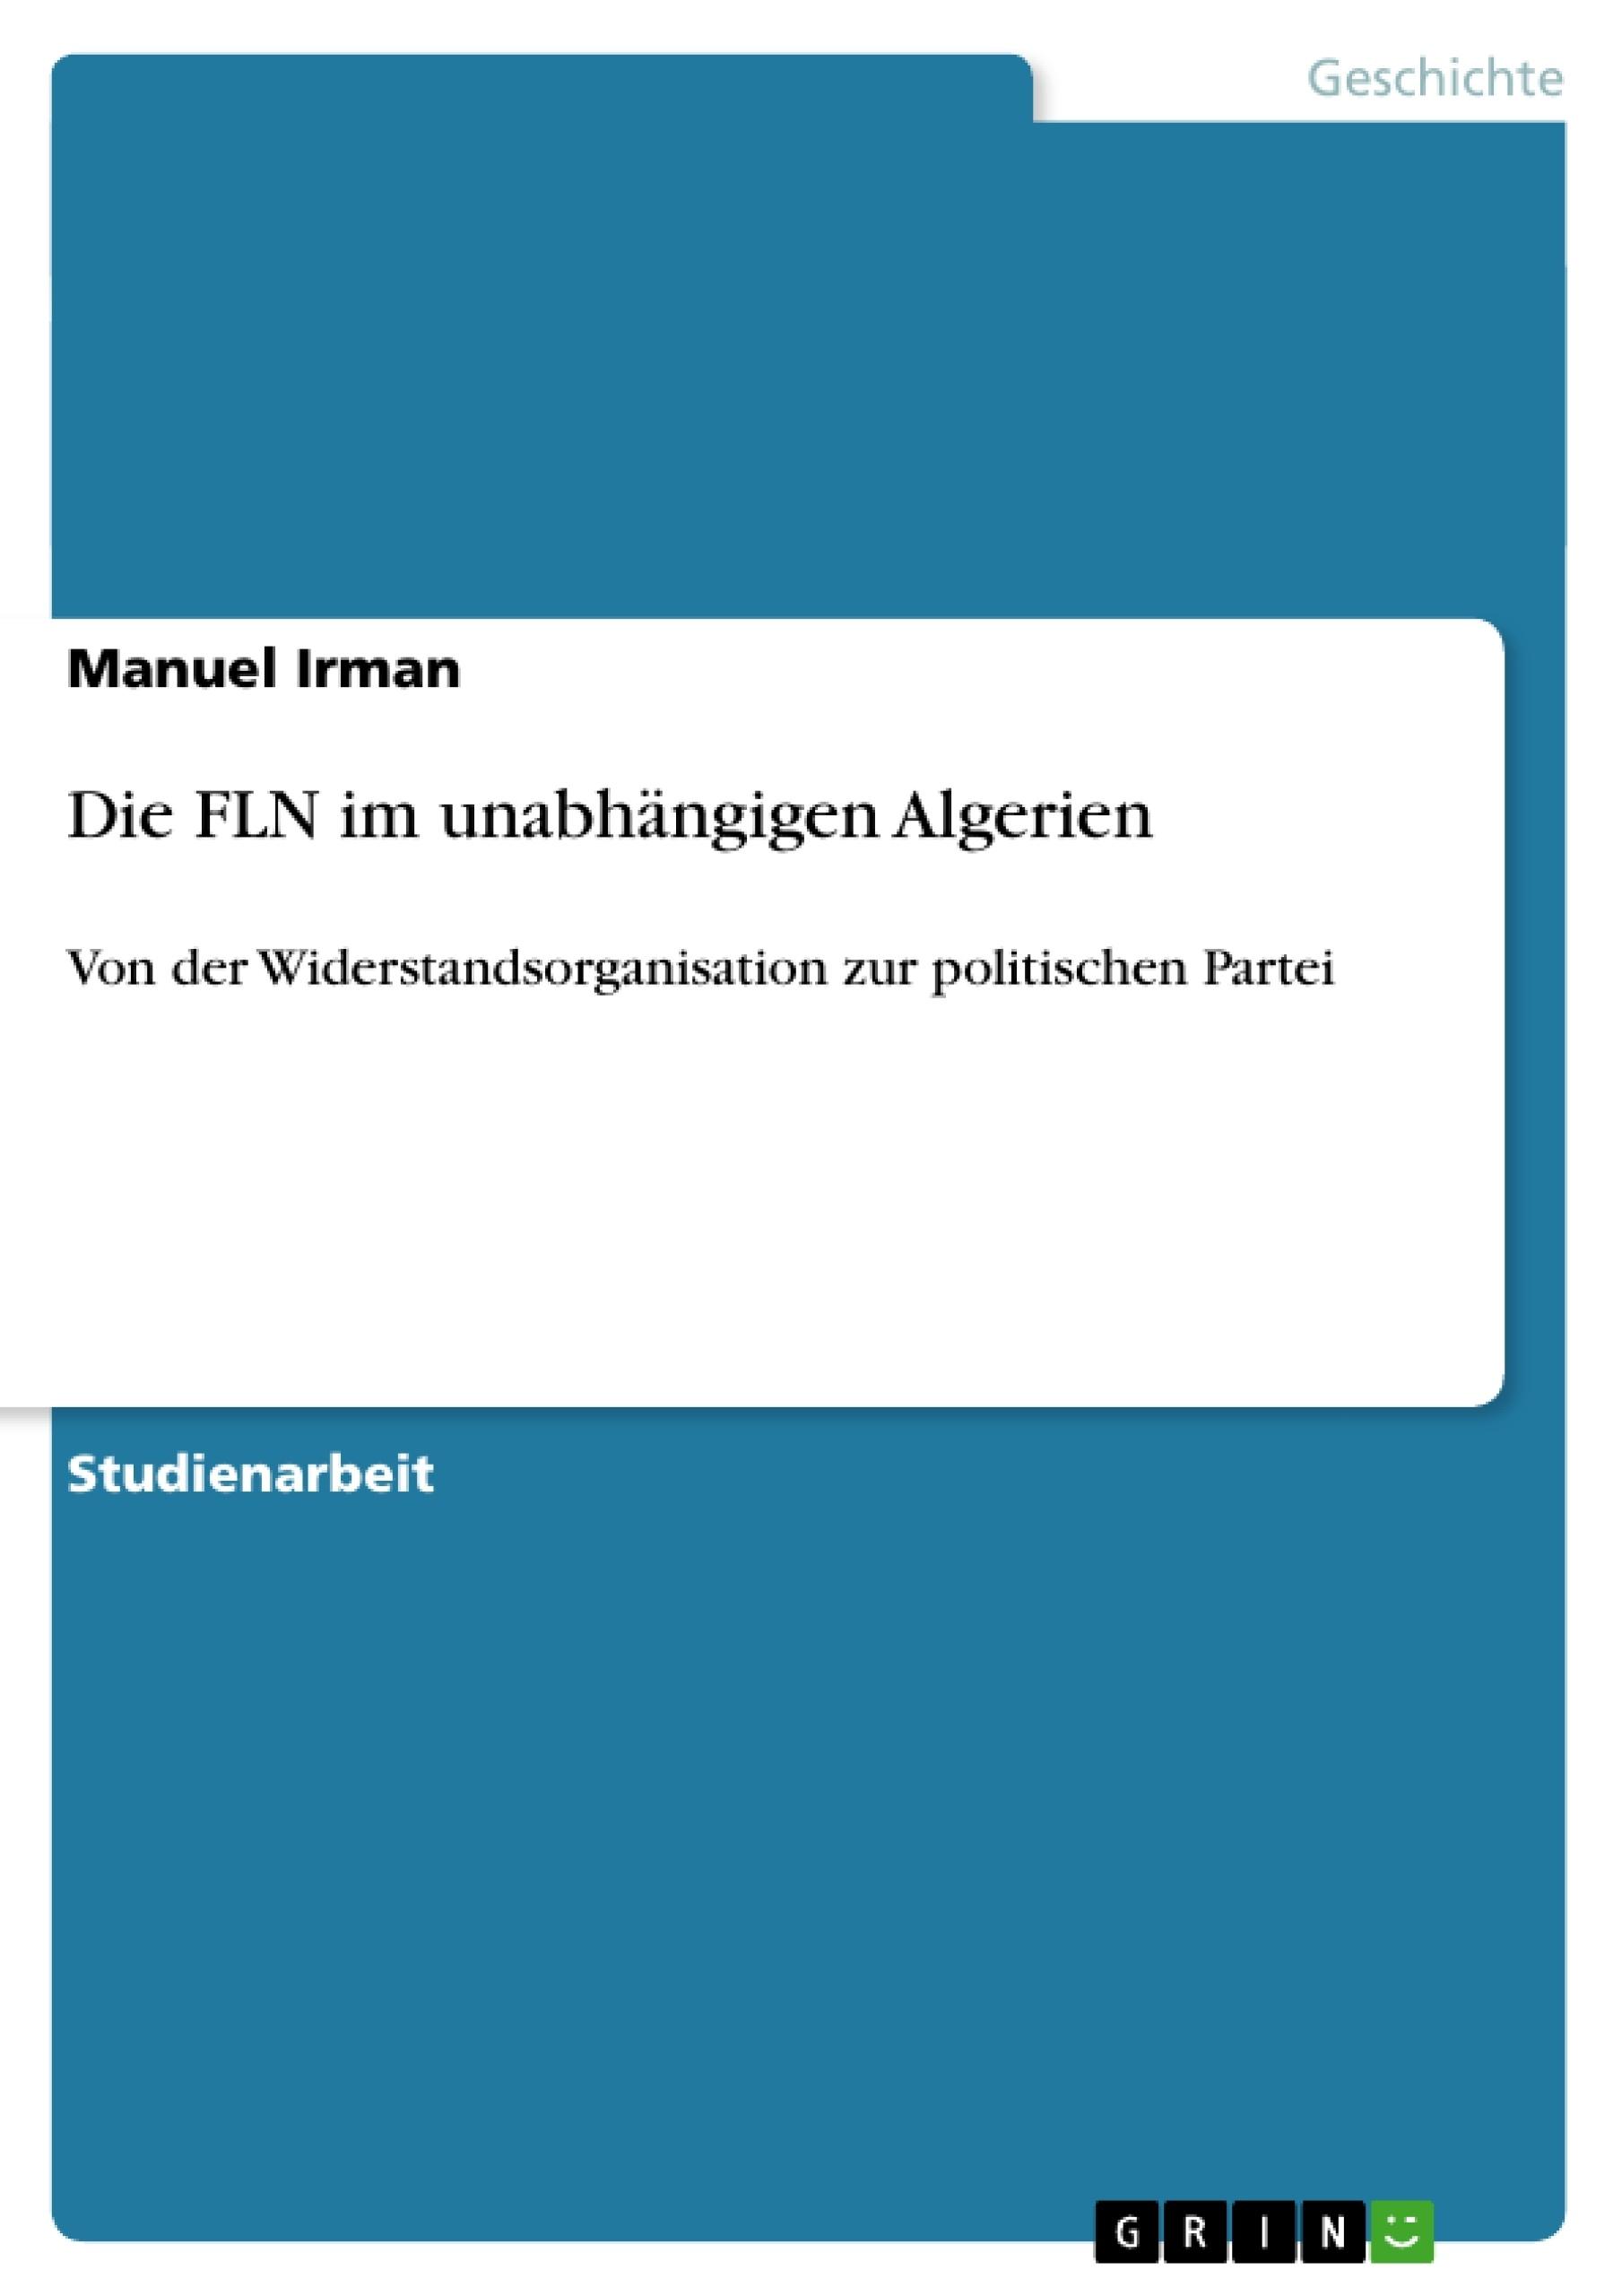 Titel: Die FLN im unabhängigen Algerien